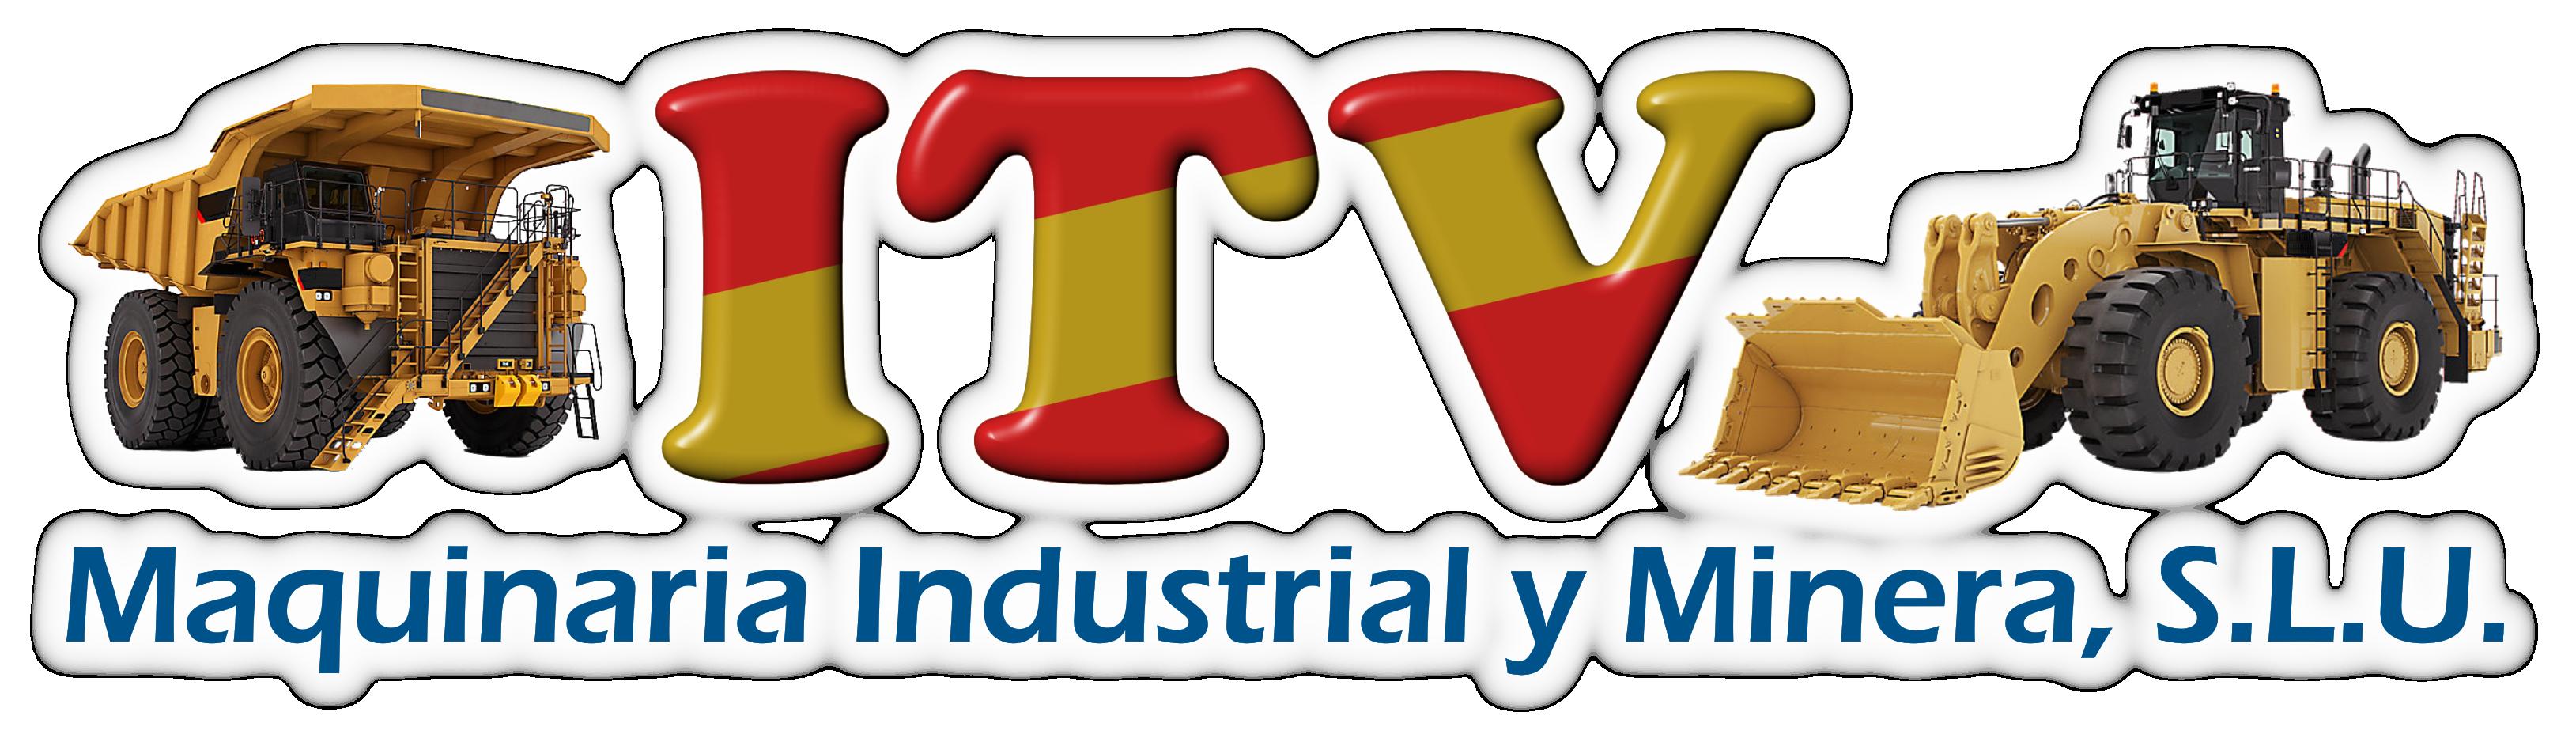 ITV Maquinaria Industrial y Minera